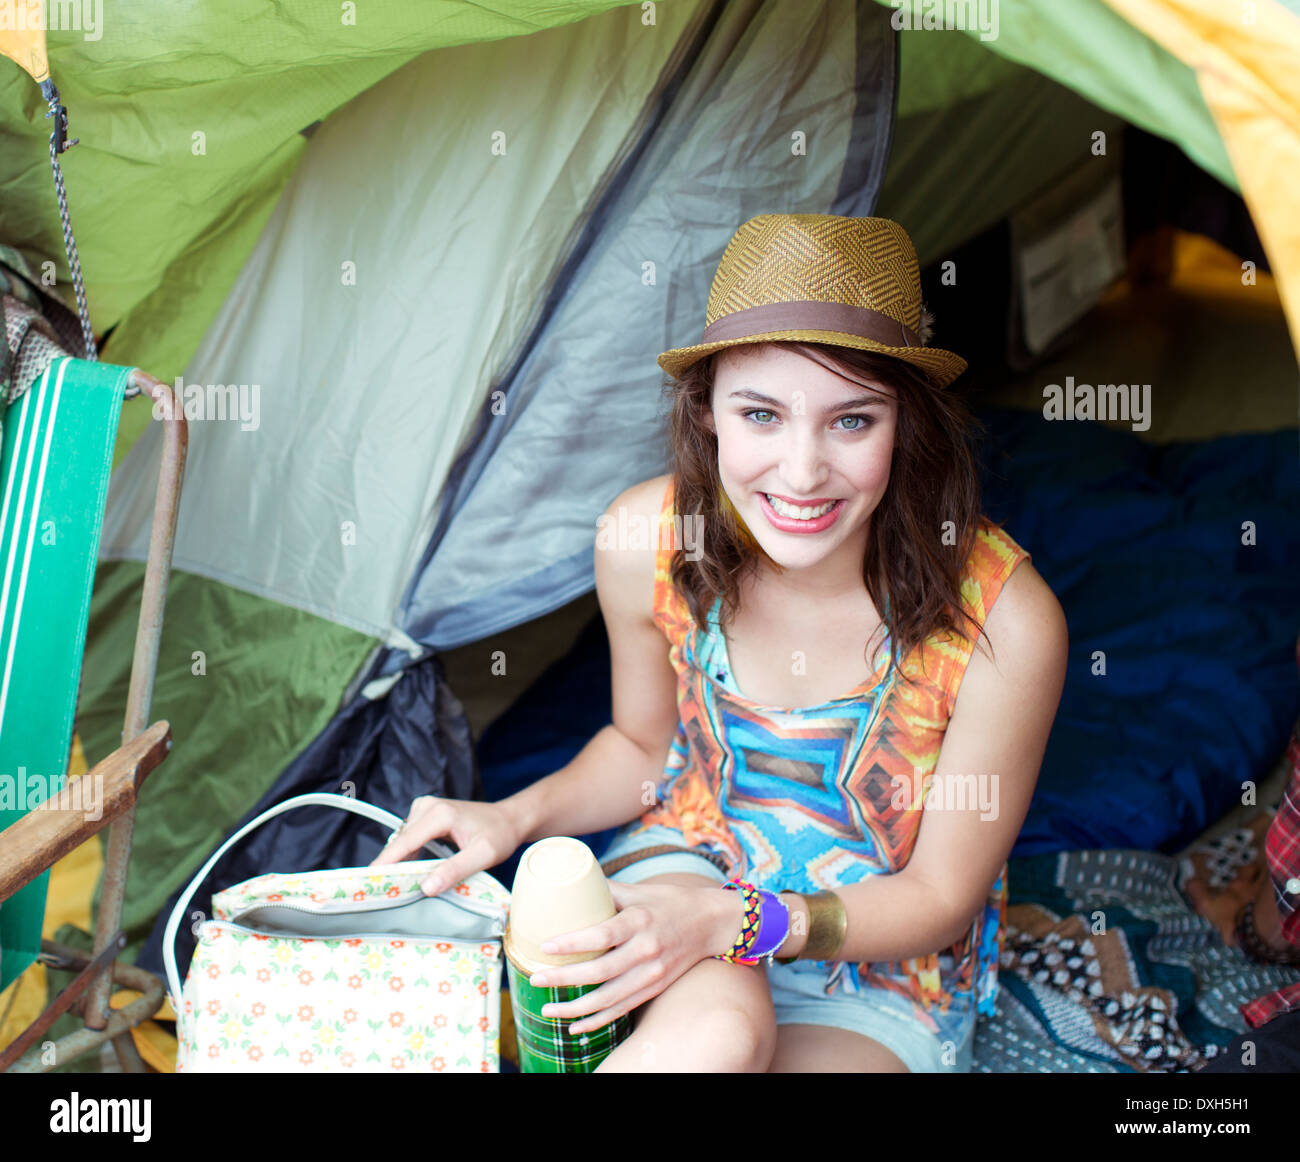 Retrato de mujer sonriente en carpa en el festival de música Imagen De Stock